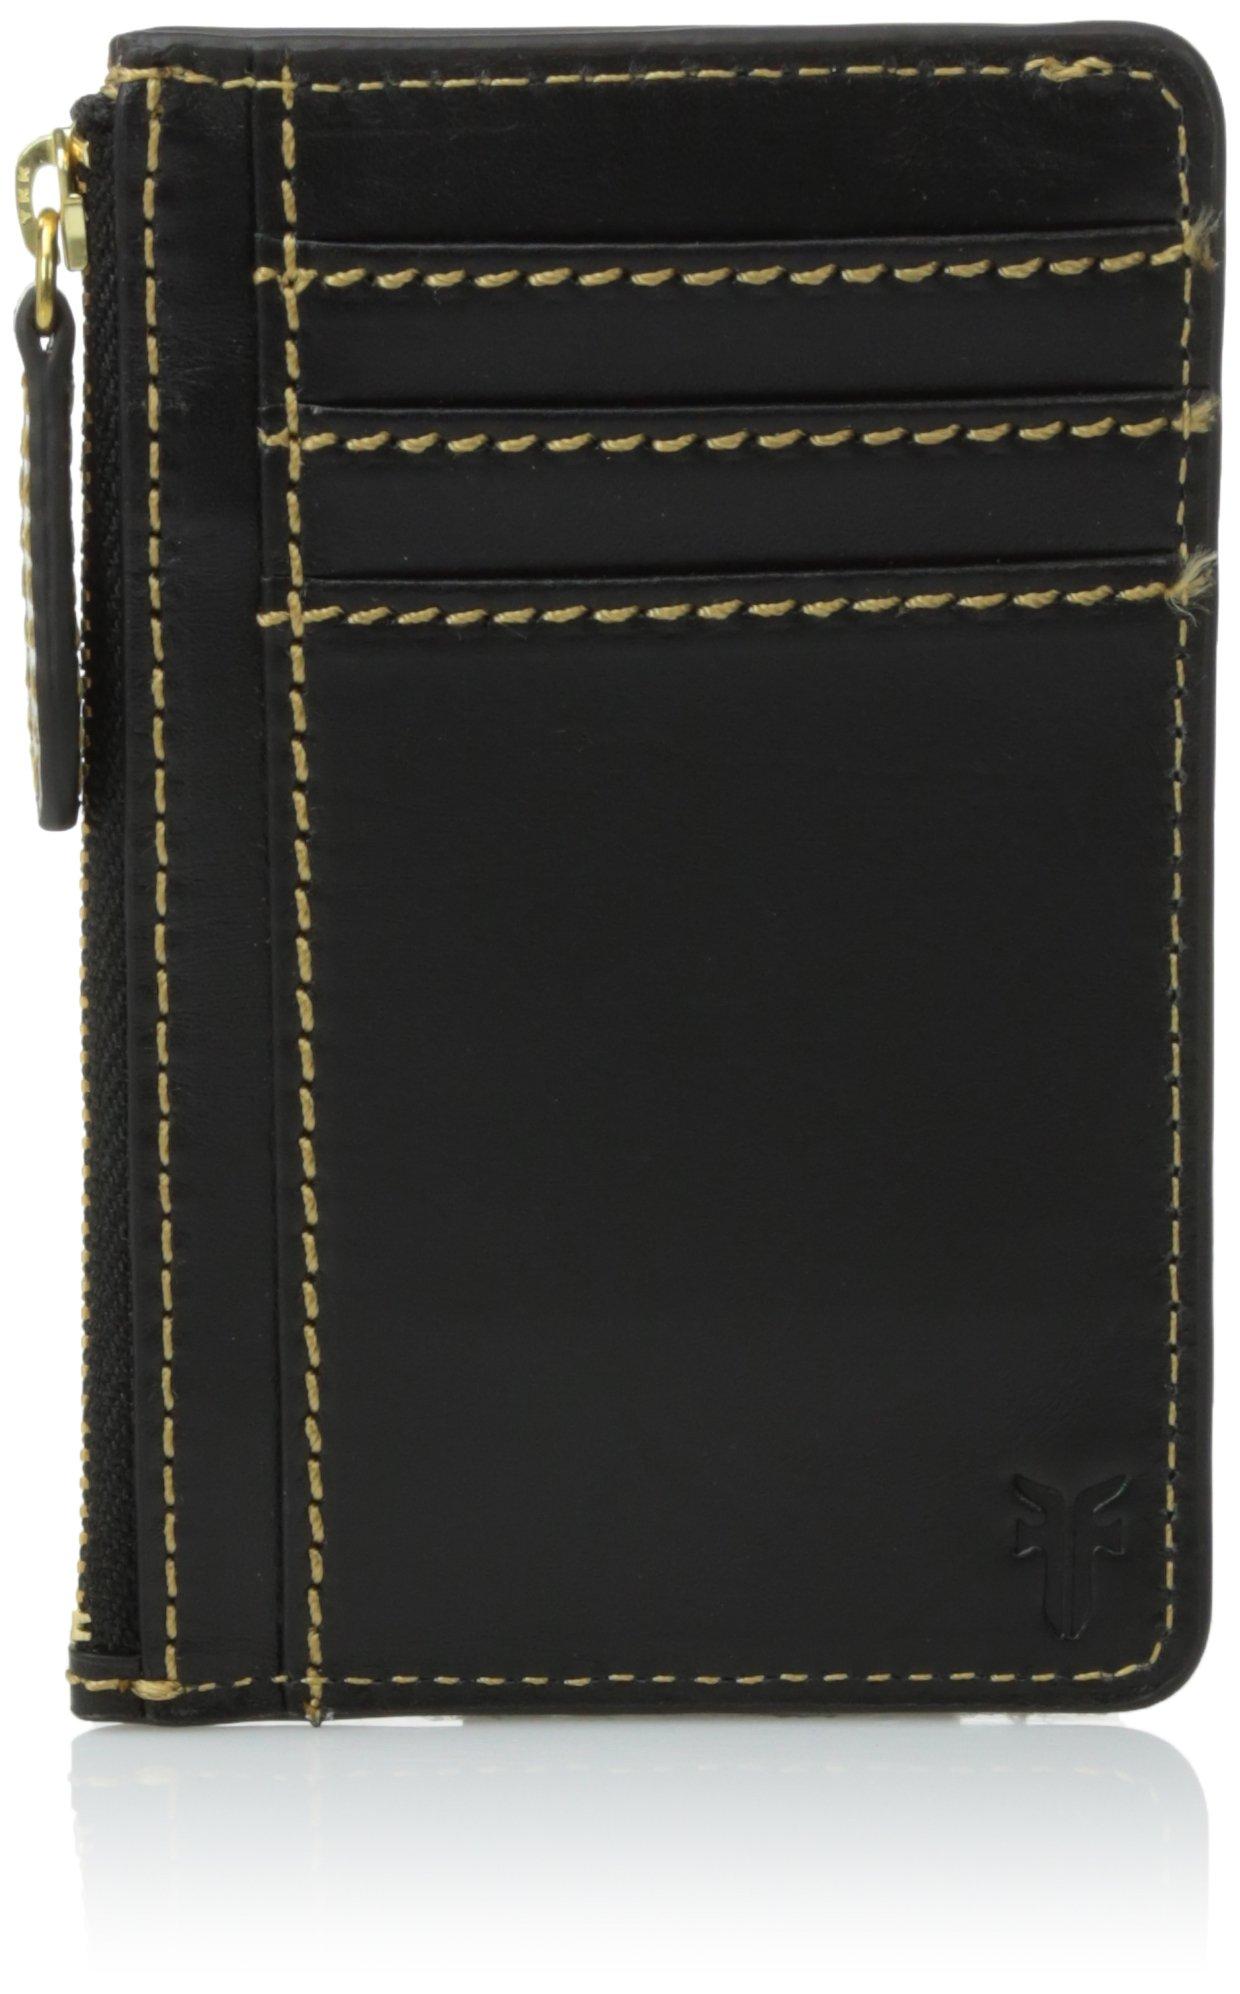 FRYE Women's Harness Id Card Case, Black, One Size